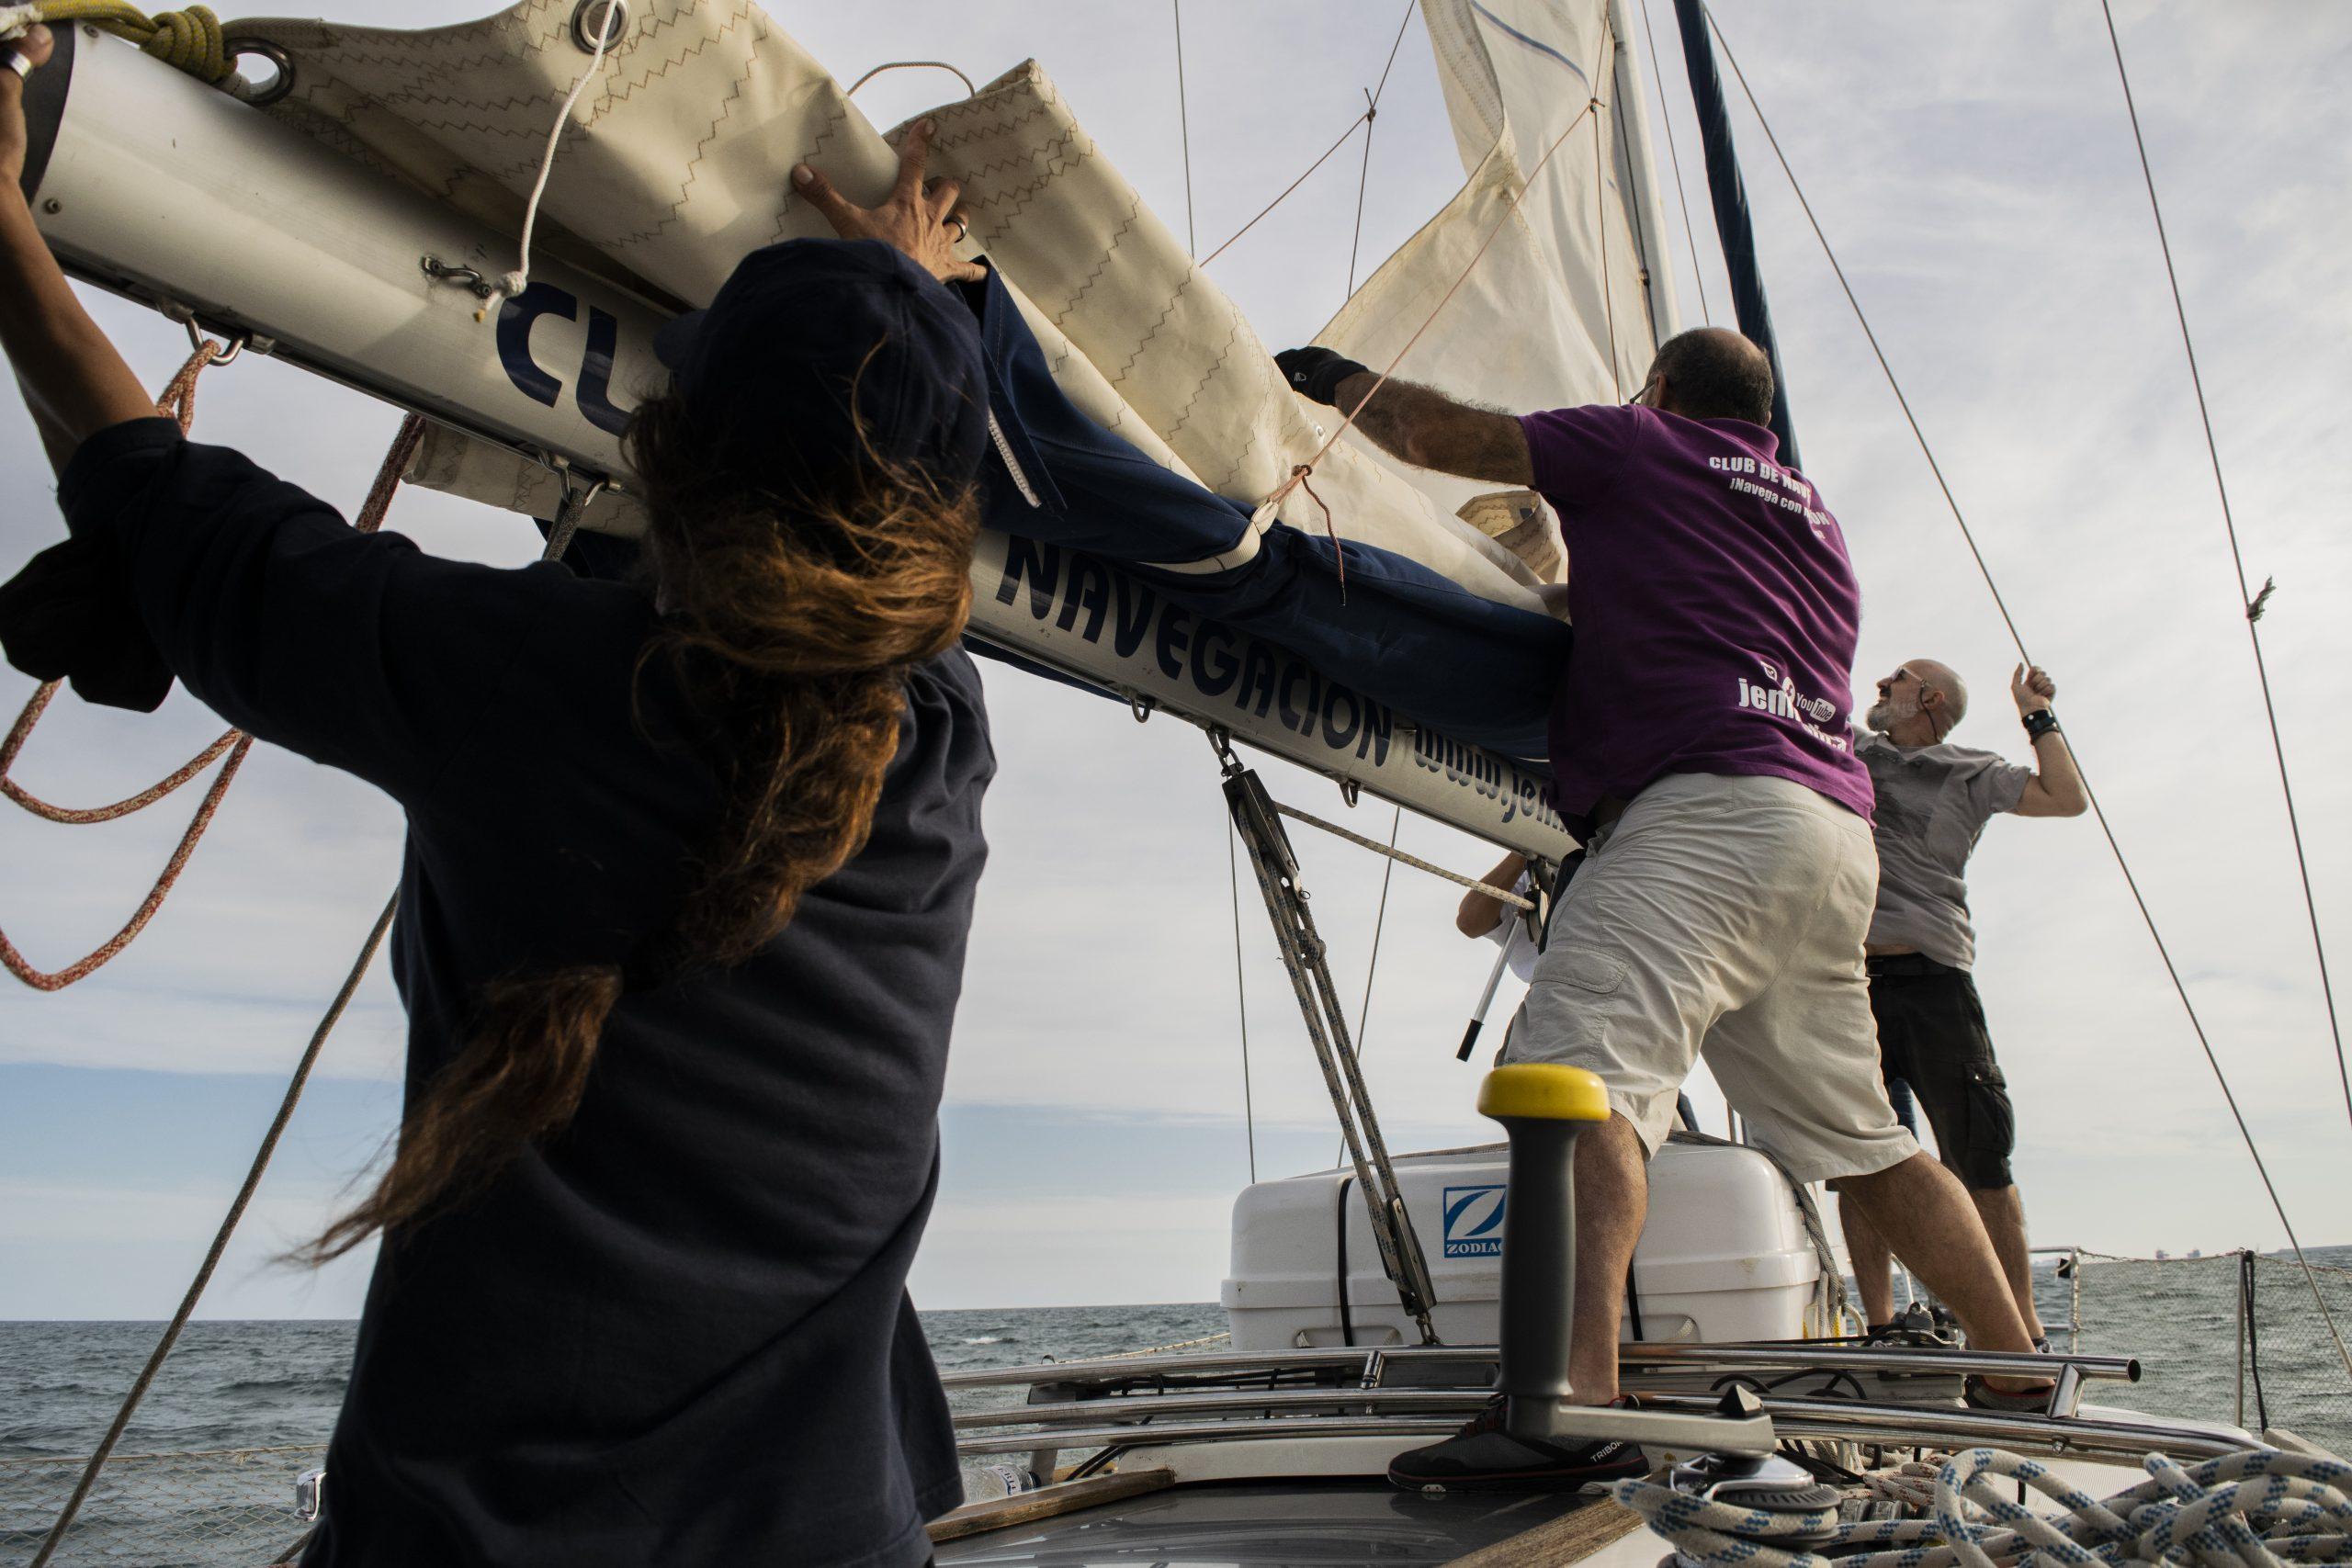 Club de navegación en Barcelona